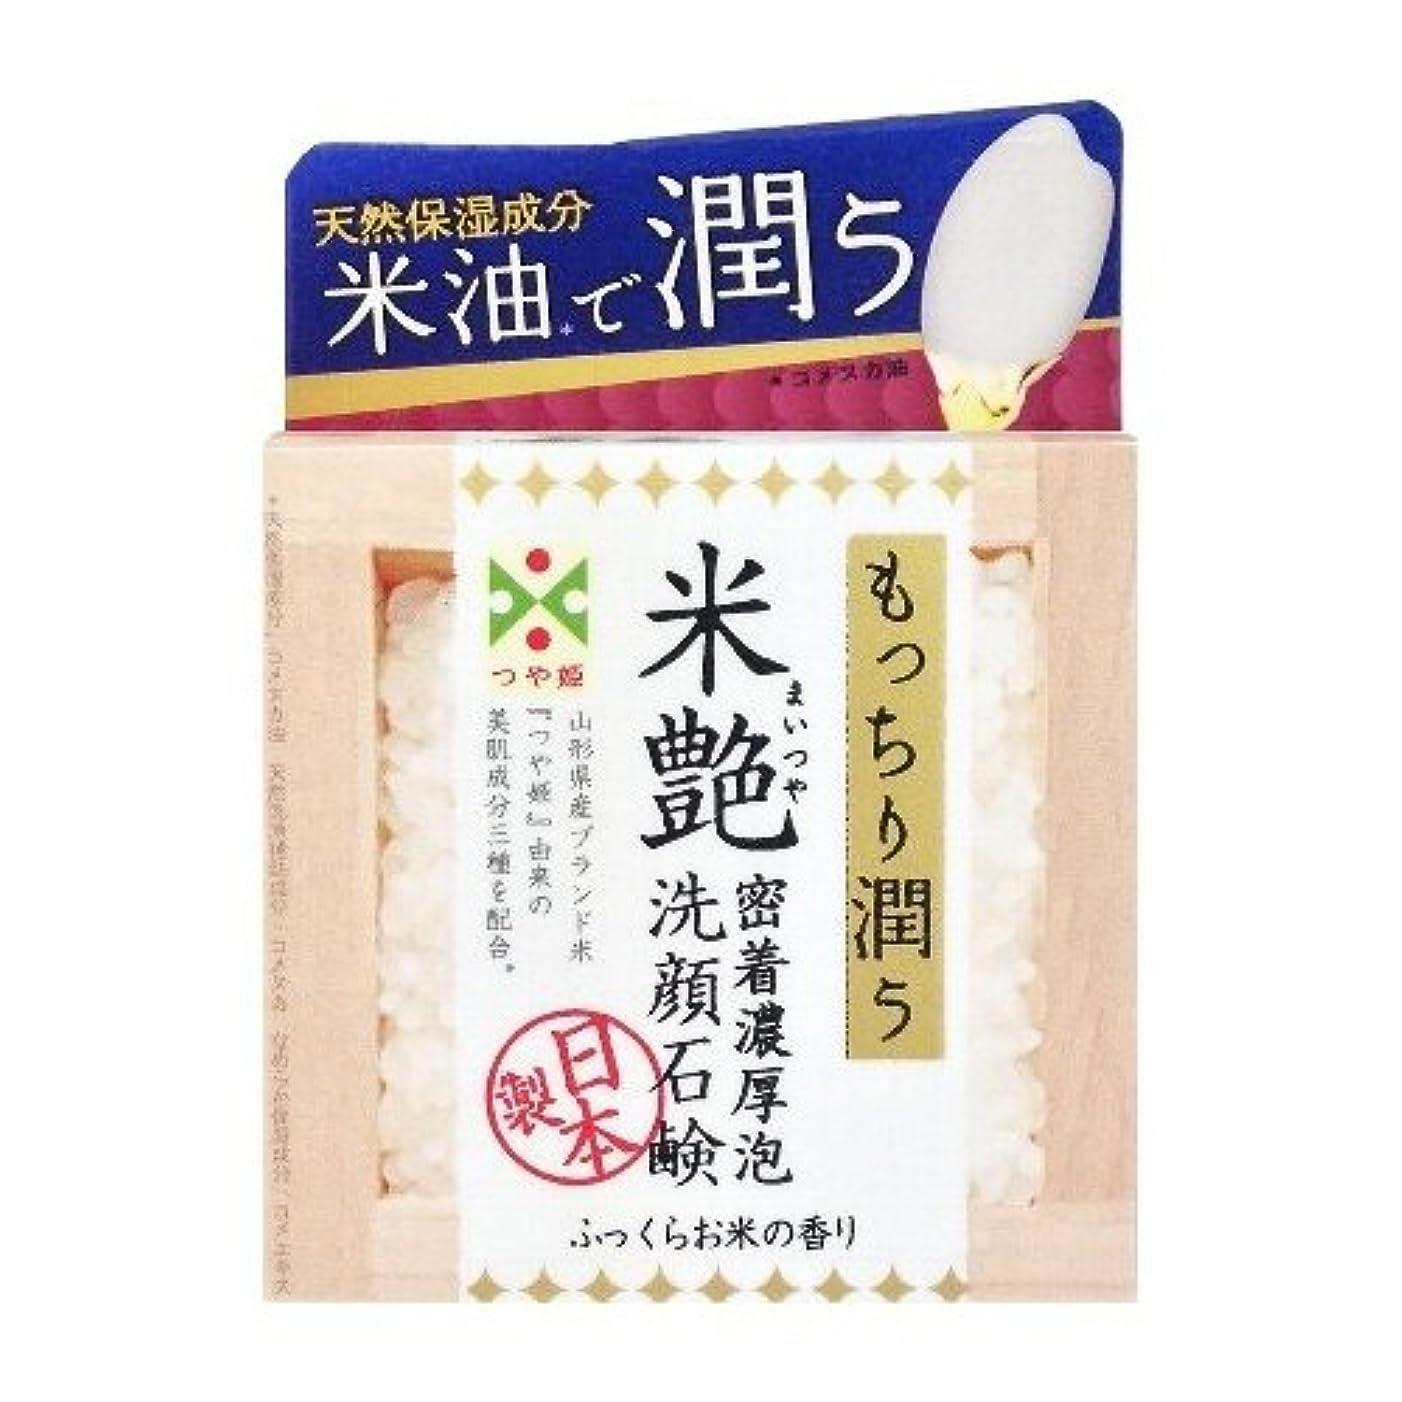 不規則な損なう幸運なことにペリカン石鹸 米艶洗顔石鹸 100g